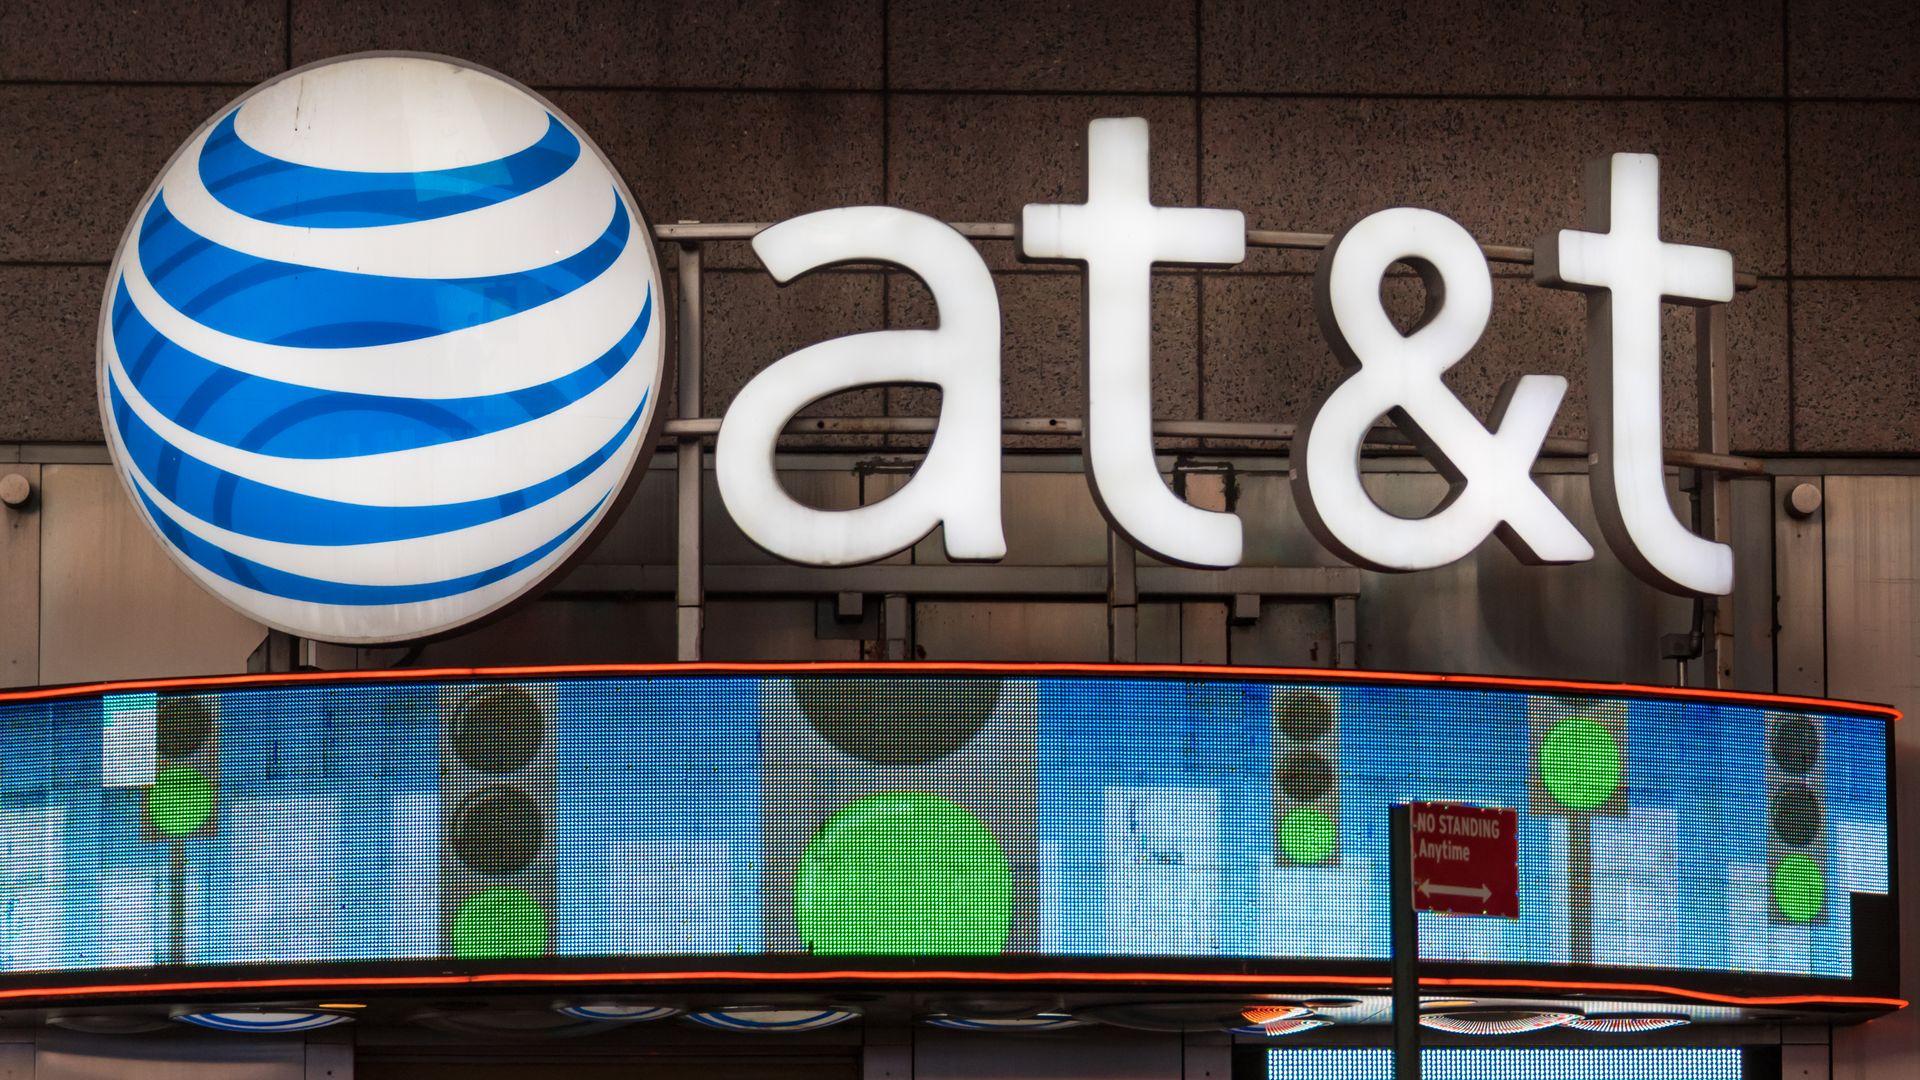 AT&T shakes up WarnerMedia amid merger drama - Axios